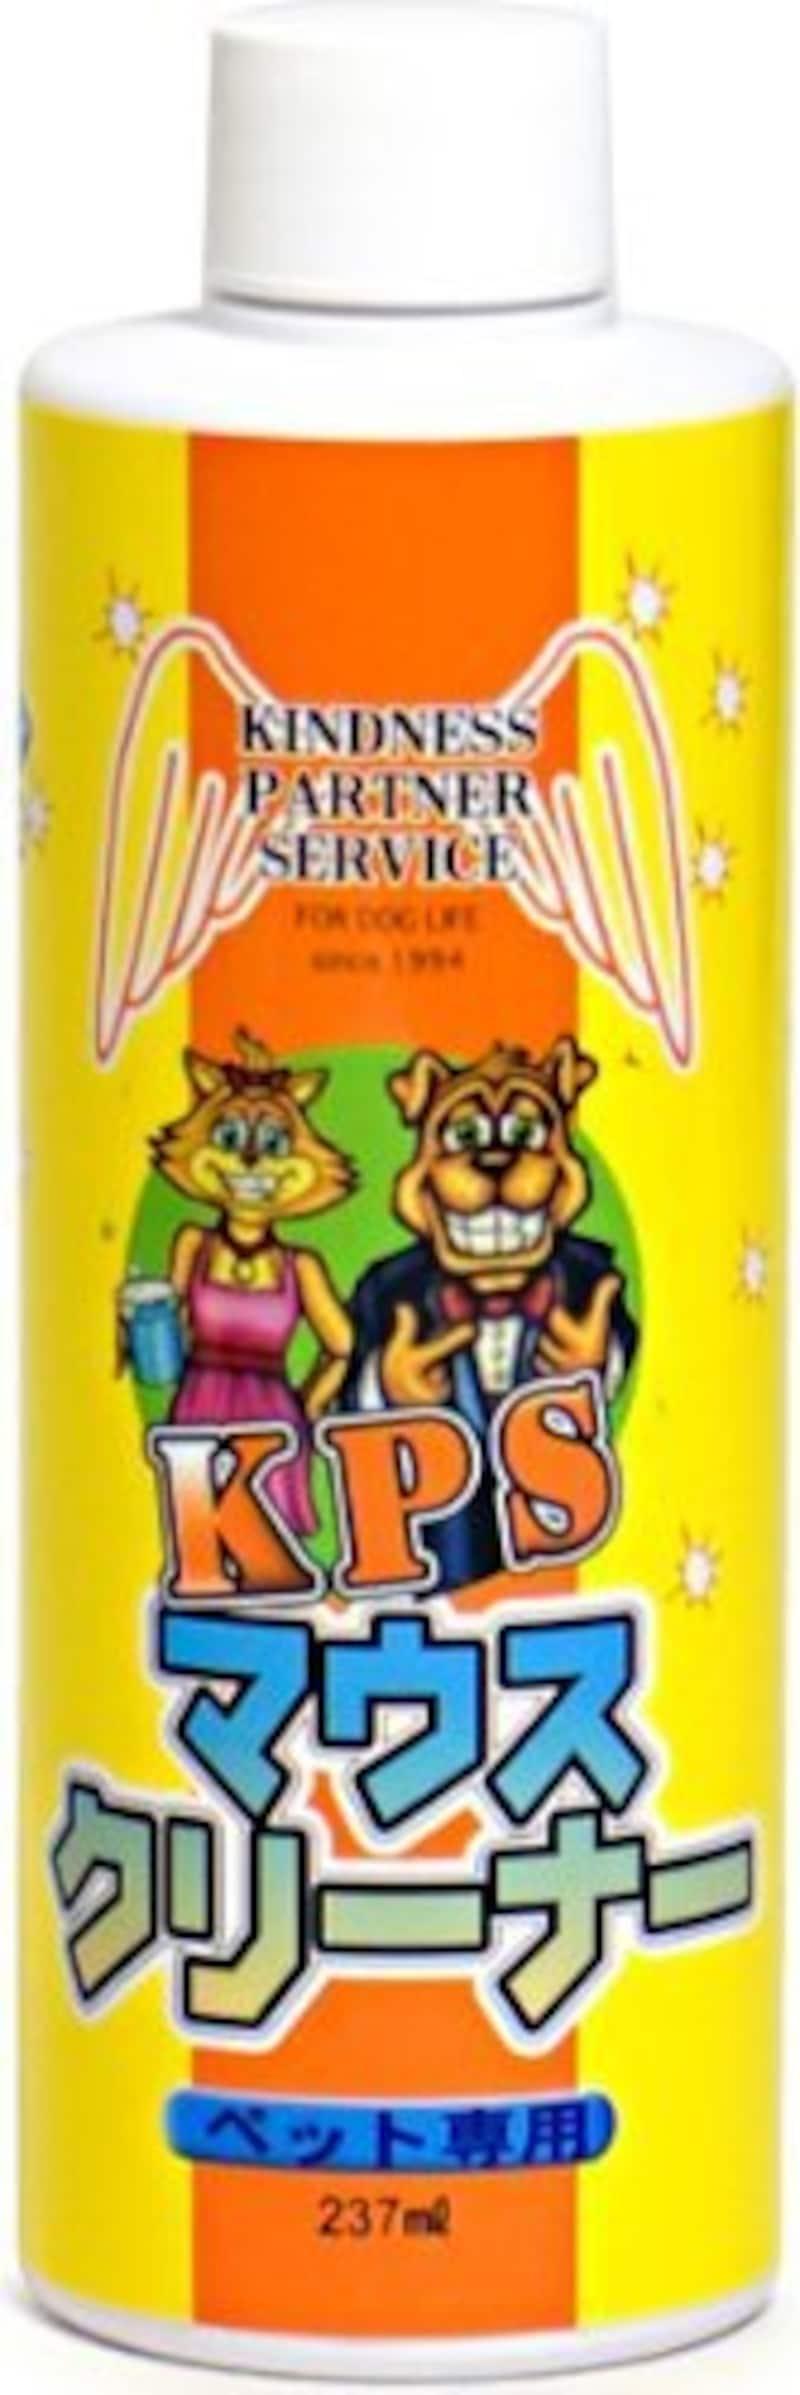 ケーピーエス (KPS),マウスクリーナー